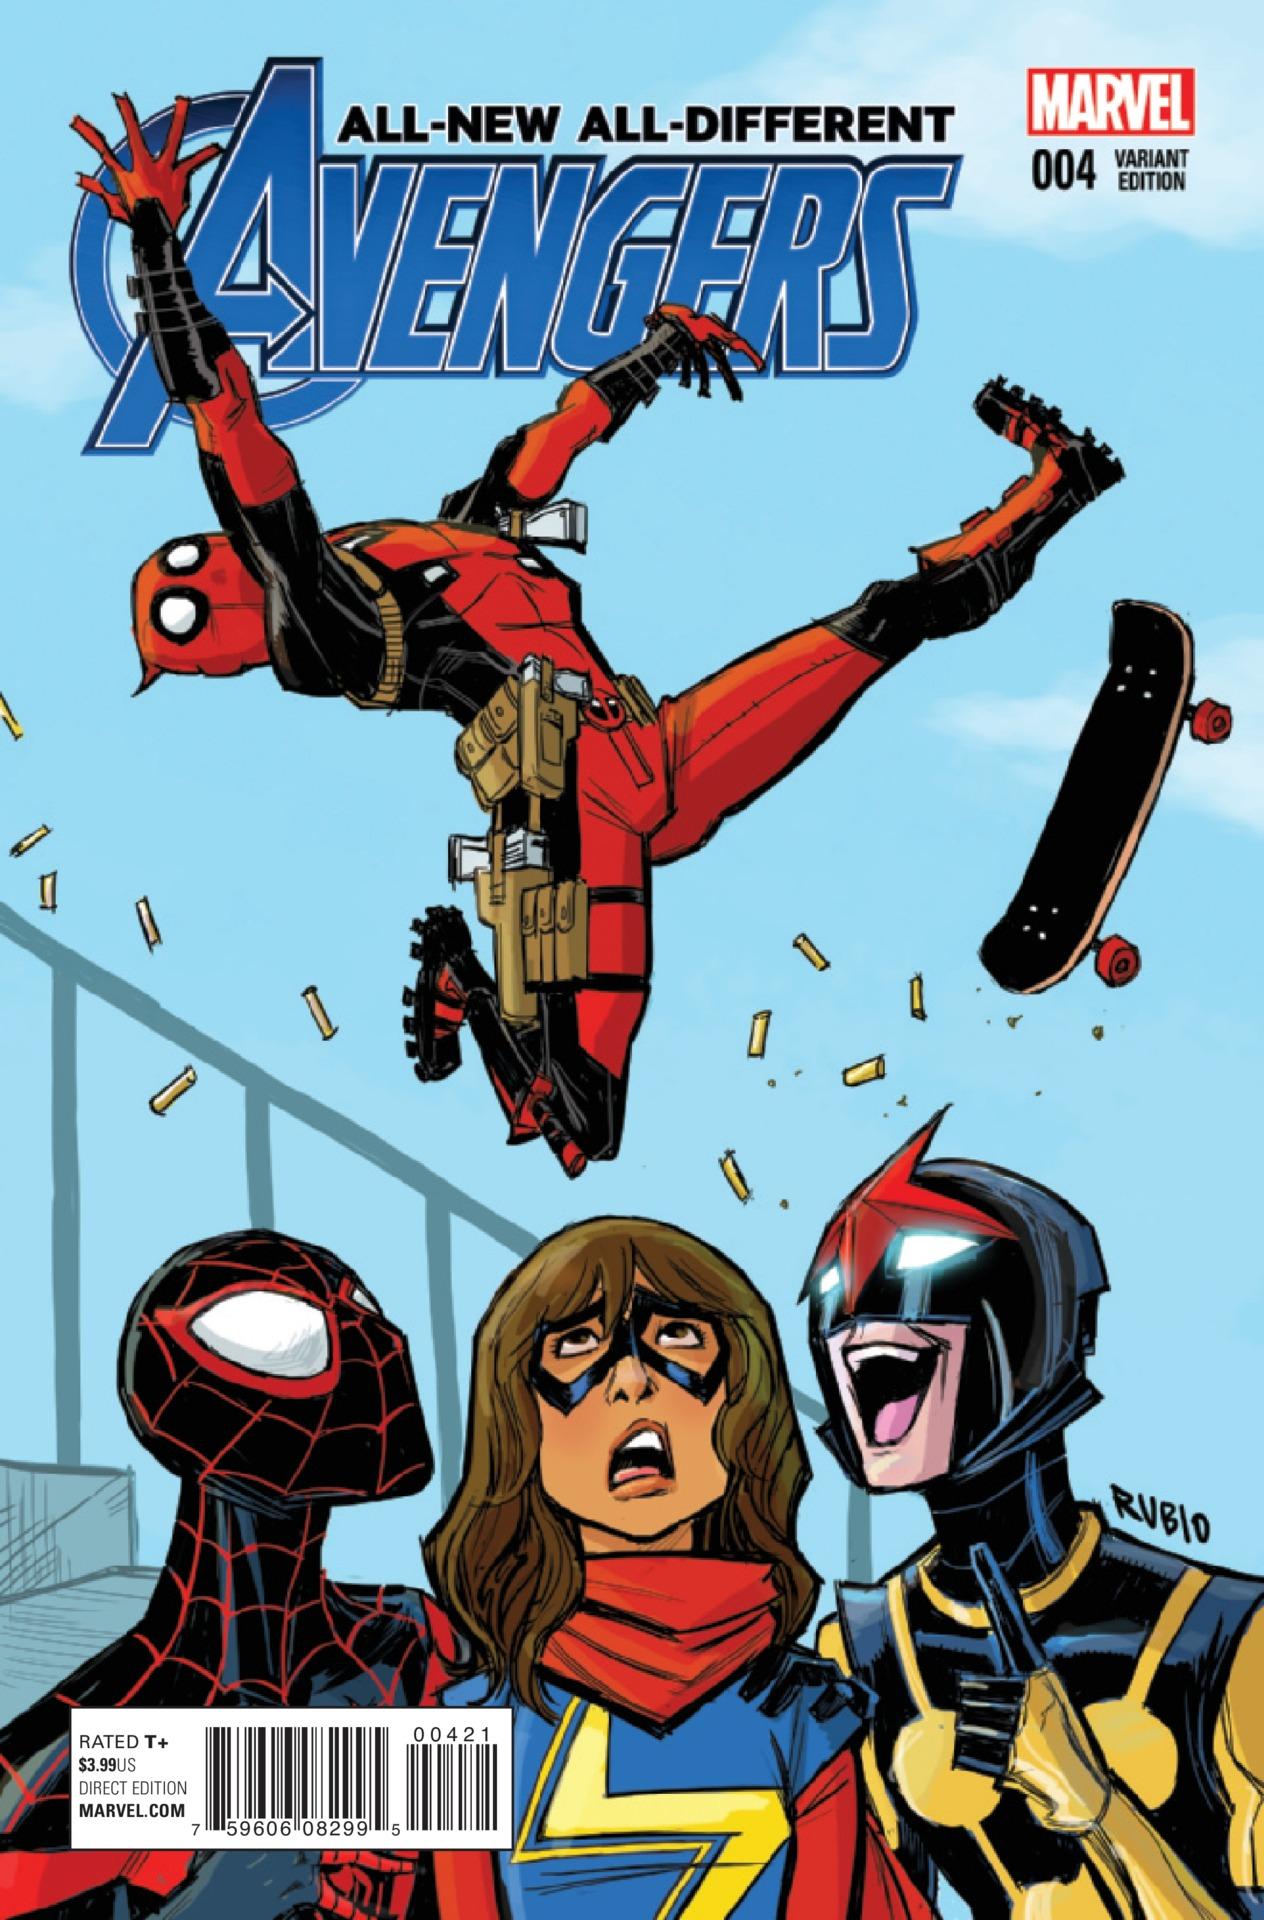 All-New, All-Different Avengers Vol 1 4 Deadpool Variant.jpg